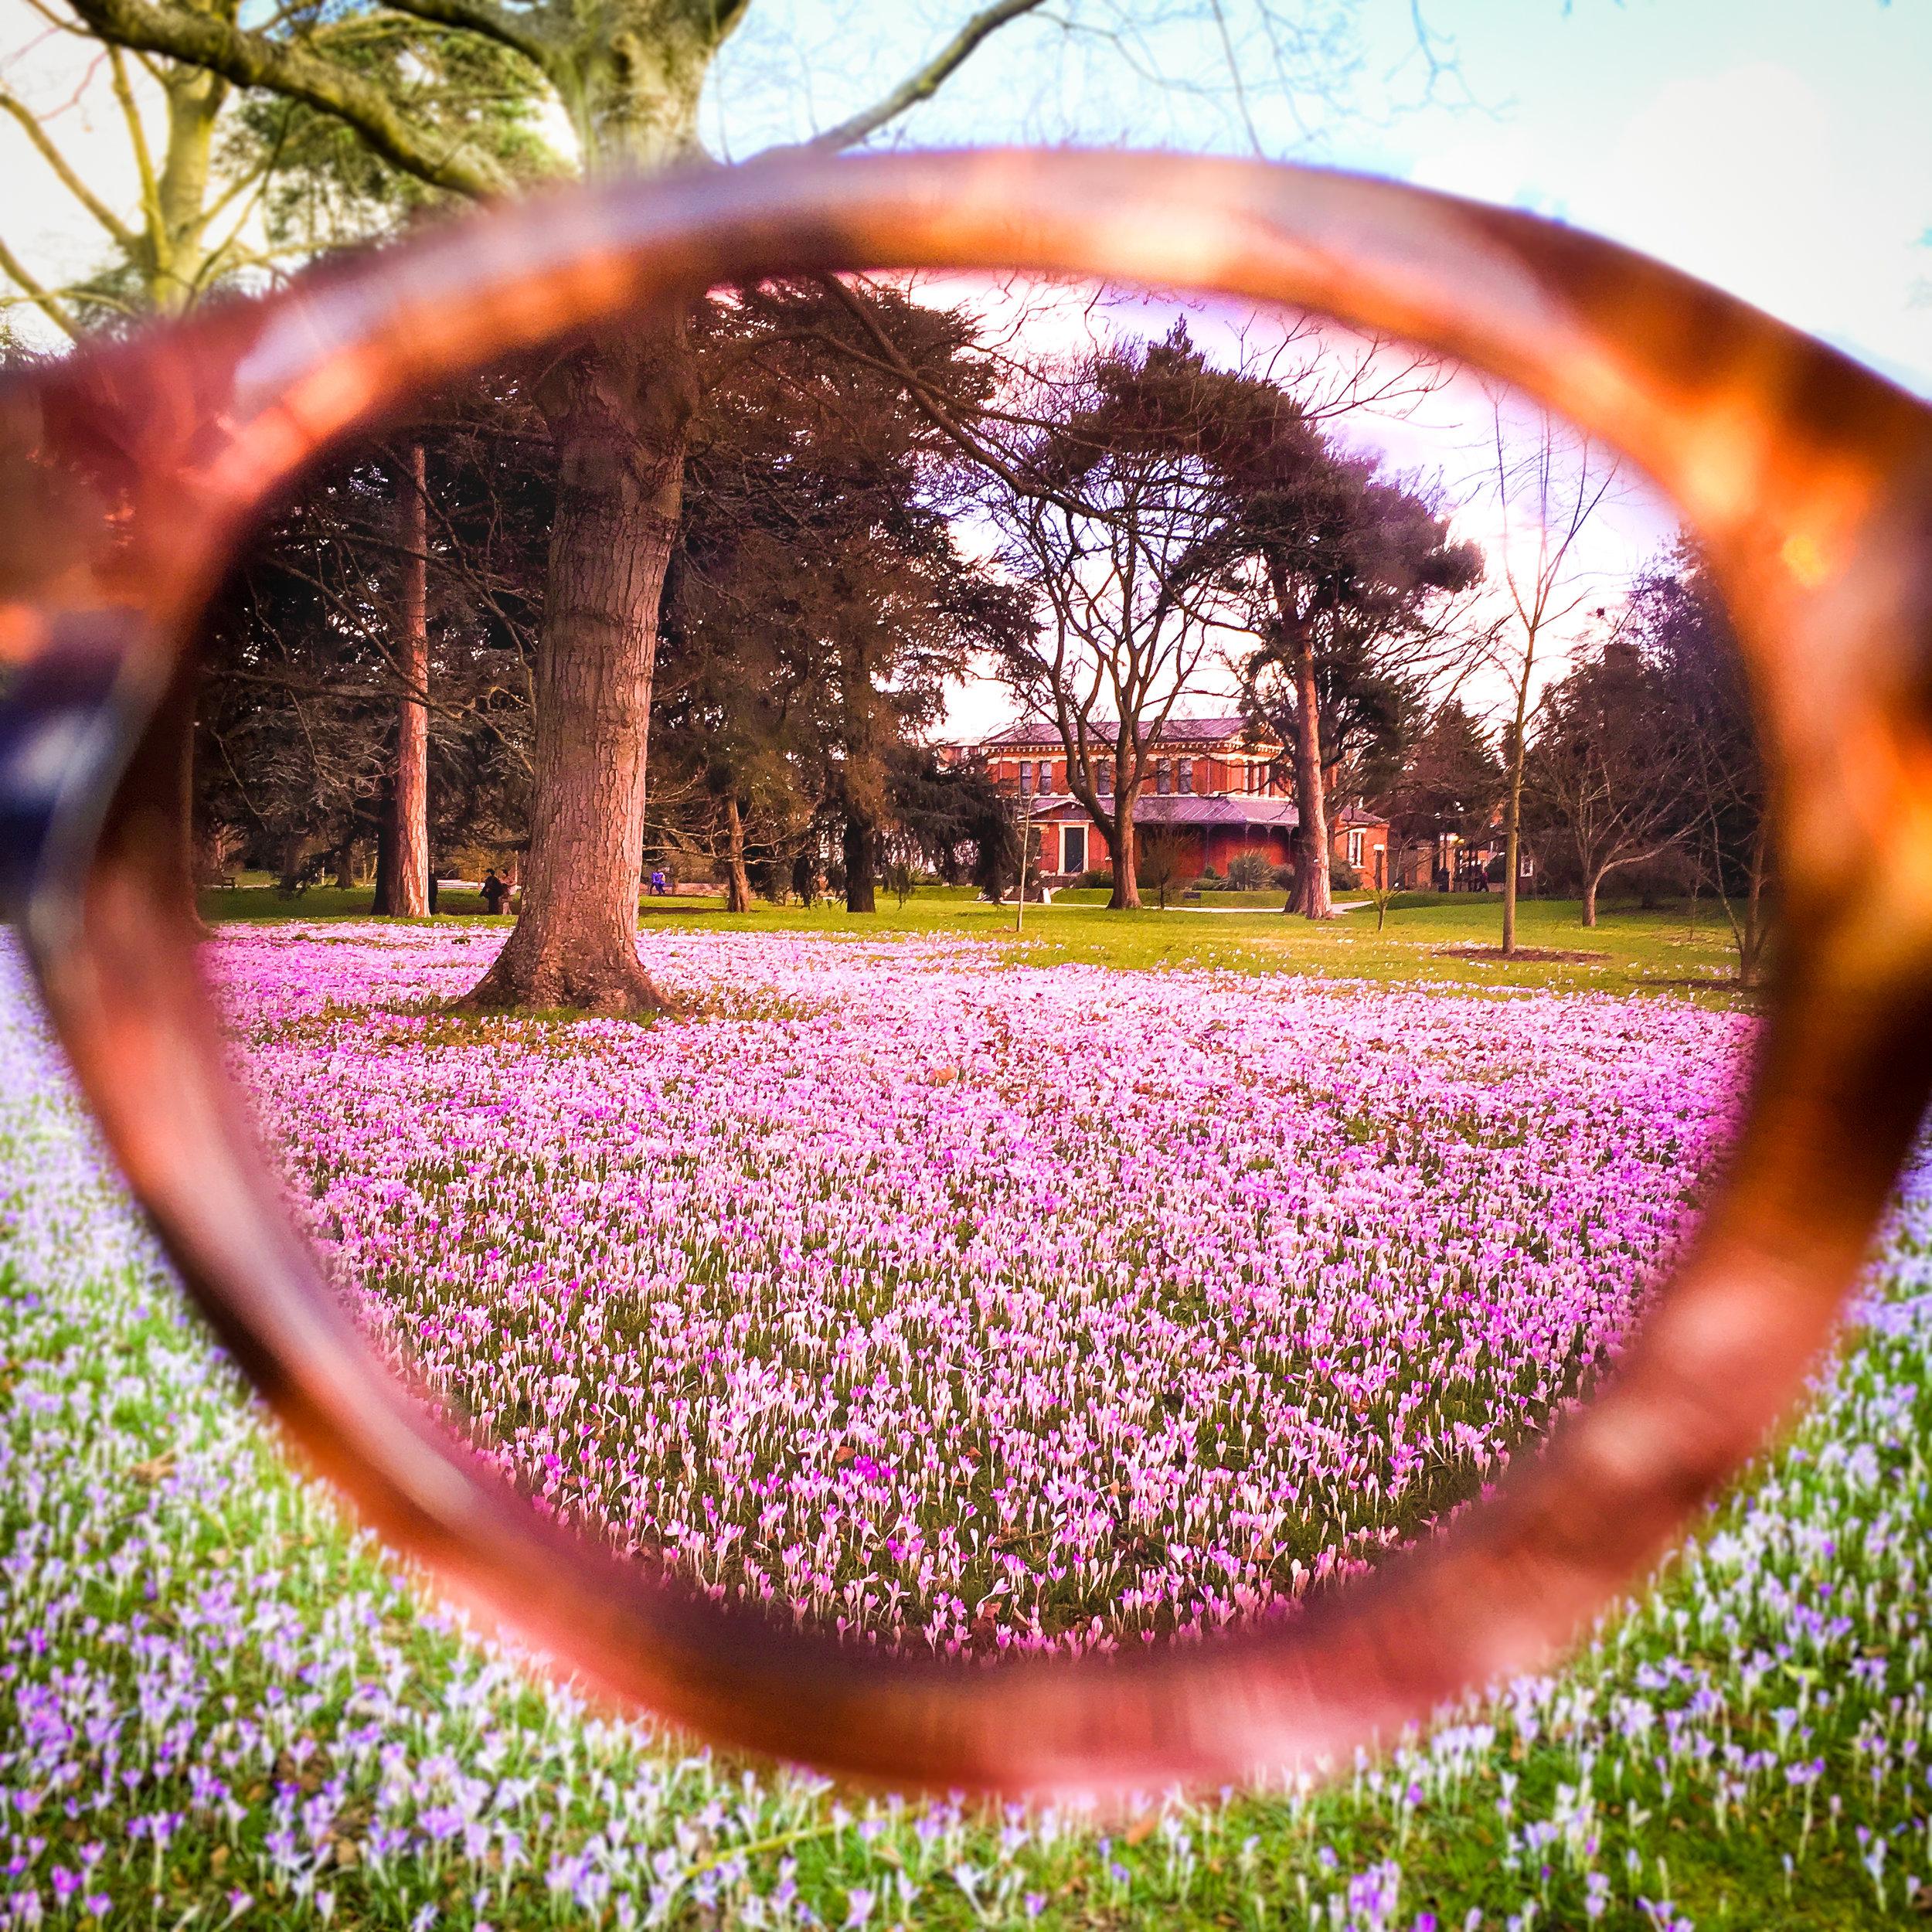 Through_The_Lens.jpg